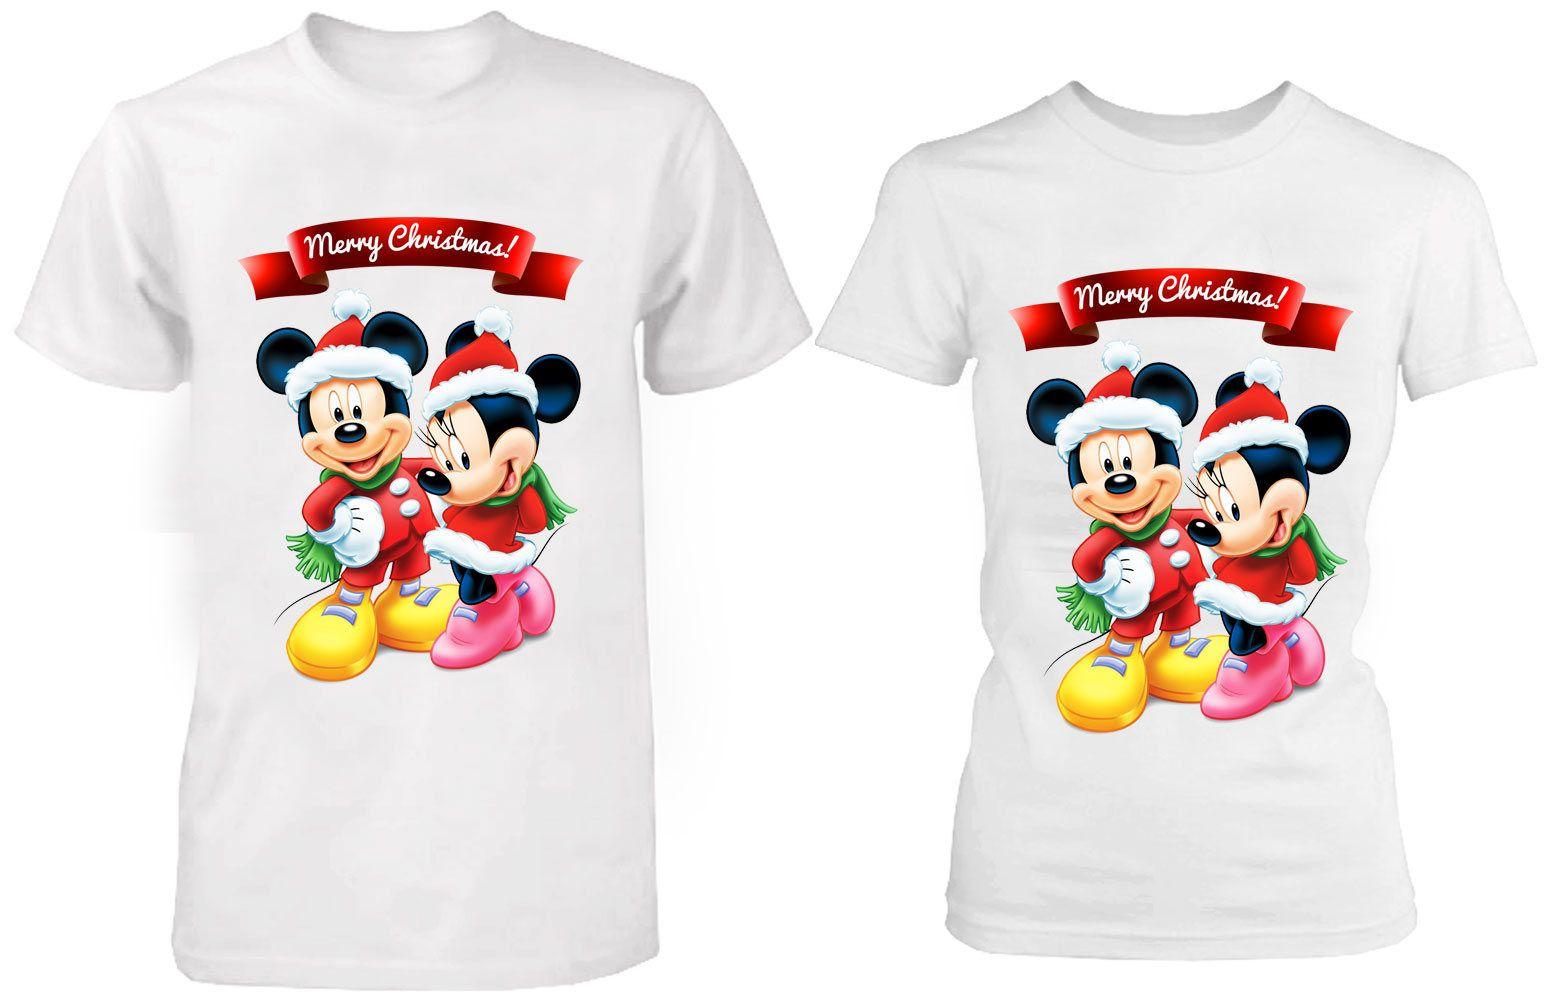 Christmas Disney T Shirts Xmas t shirts Merry Christmas